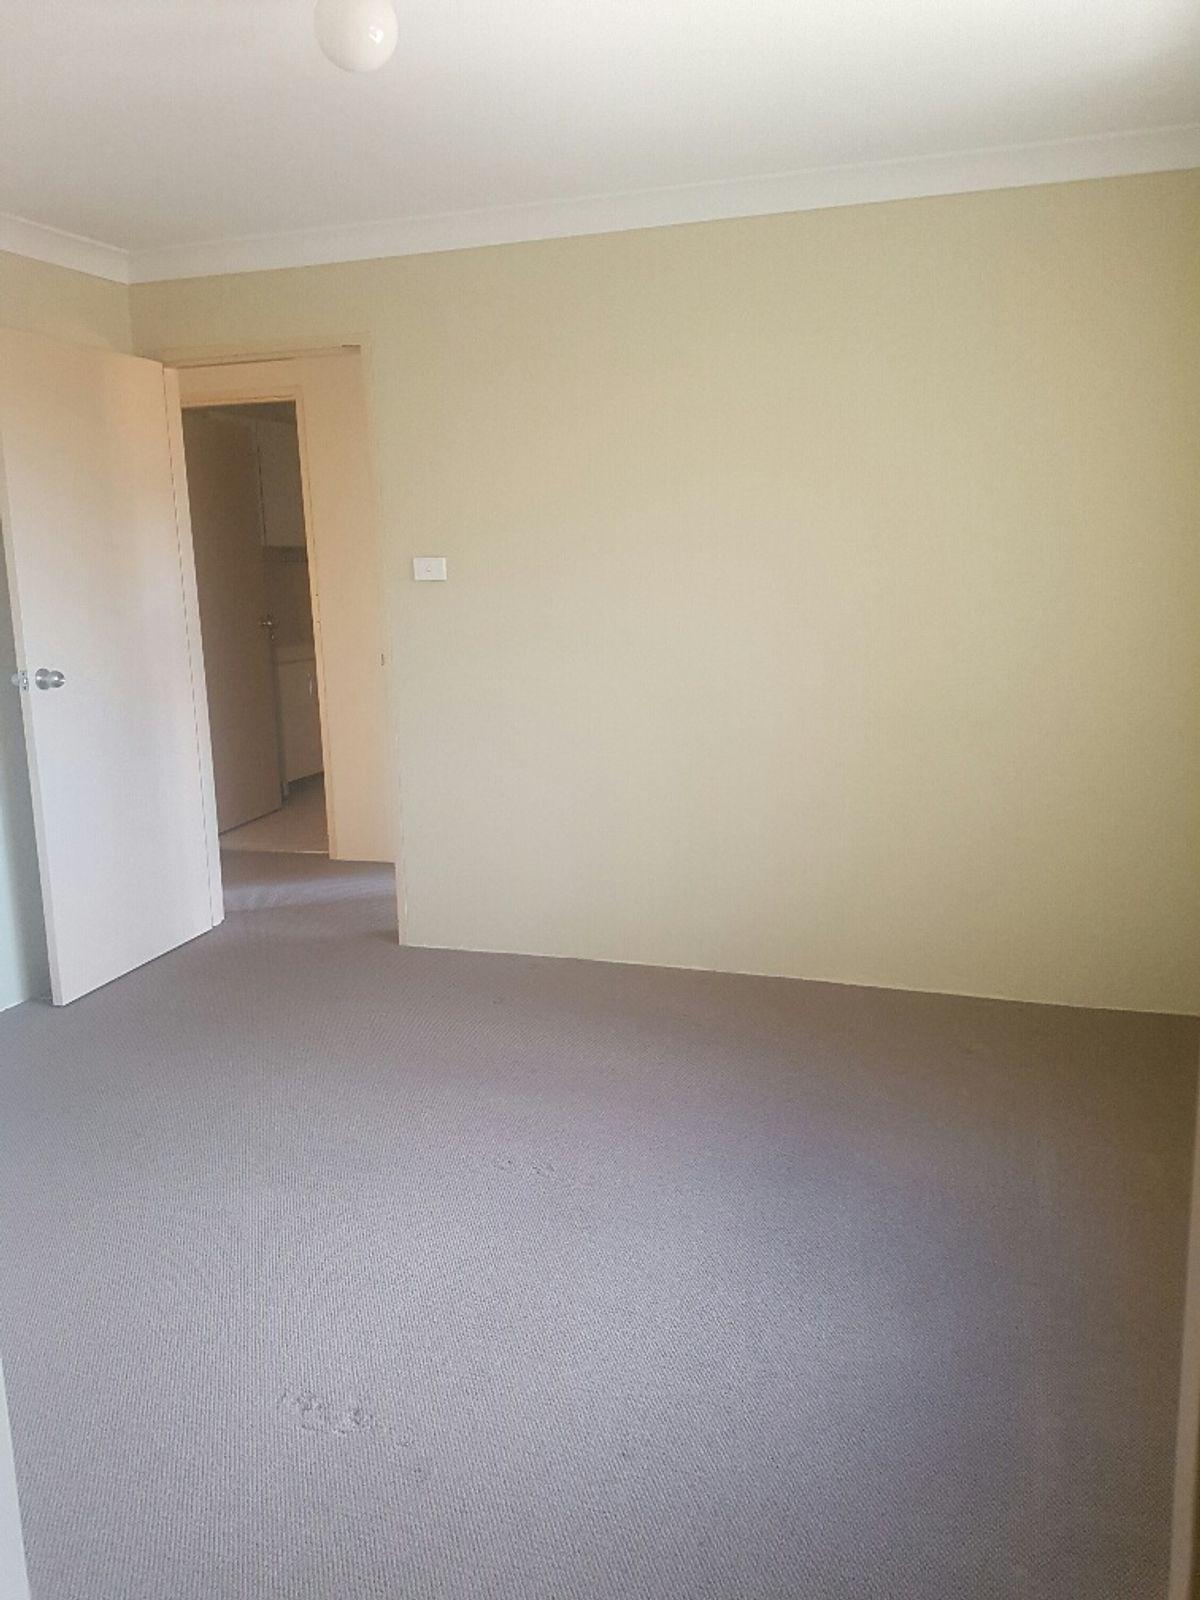 17/21 Castlereagh street, Penrith, NSW 2750